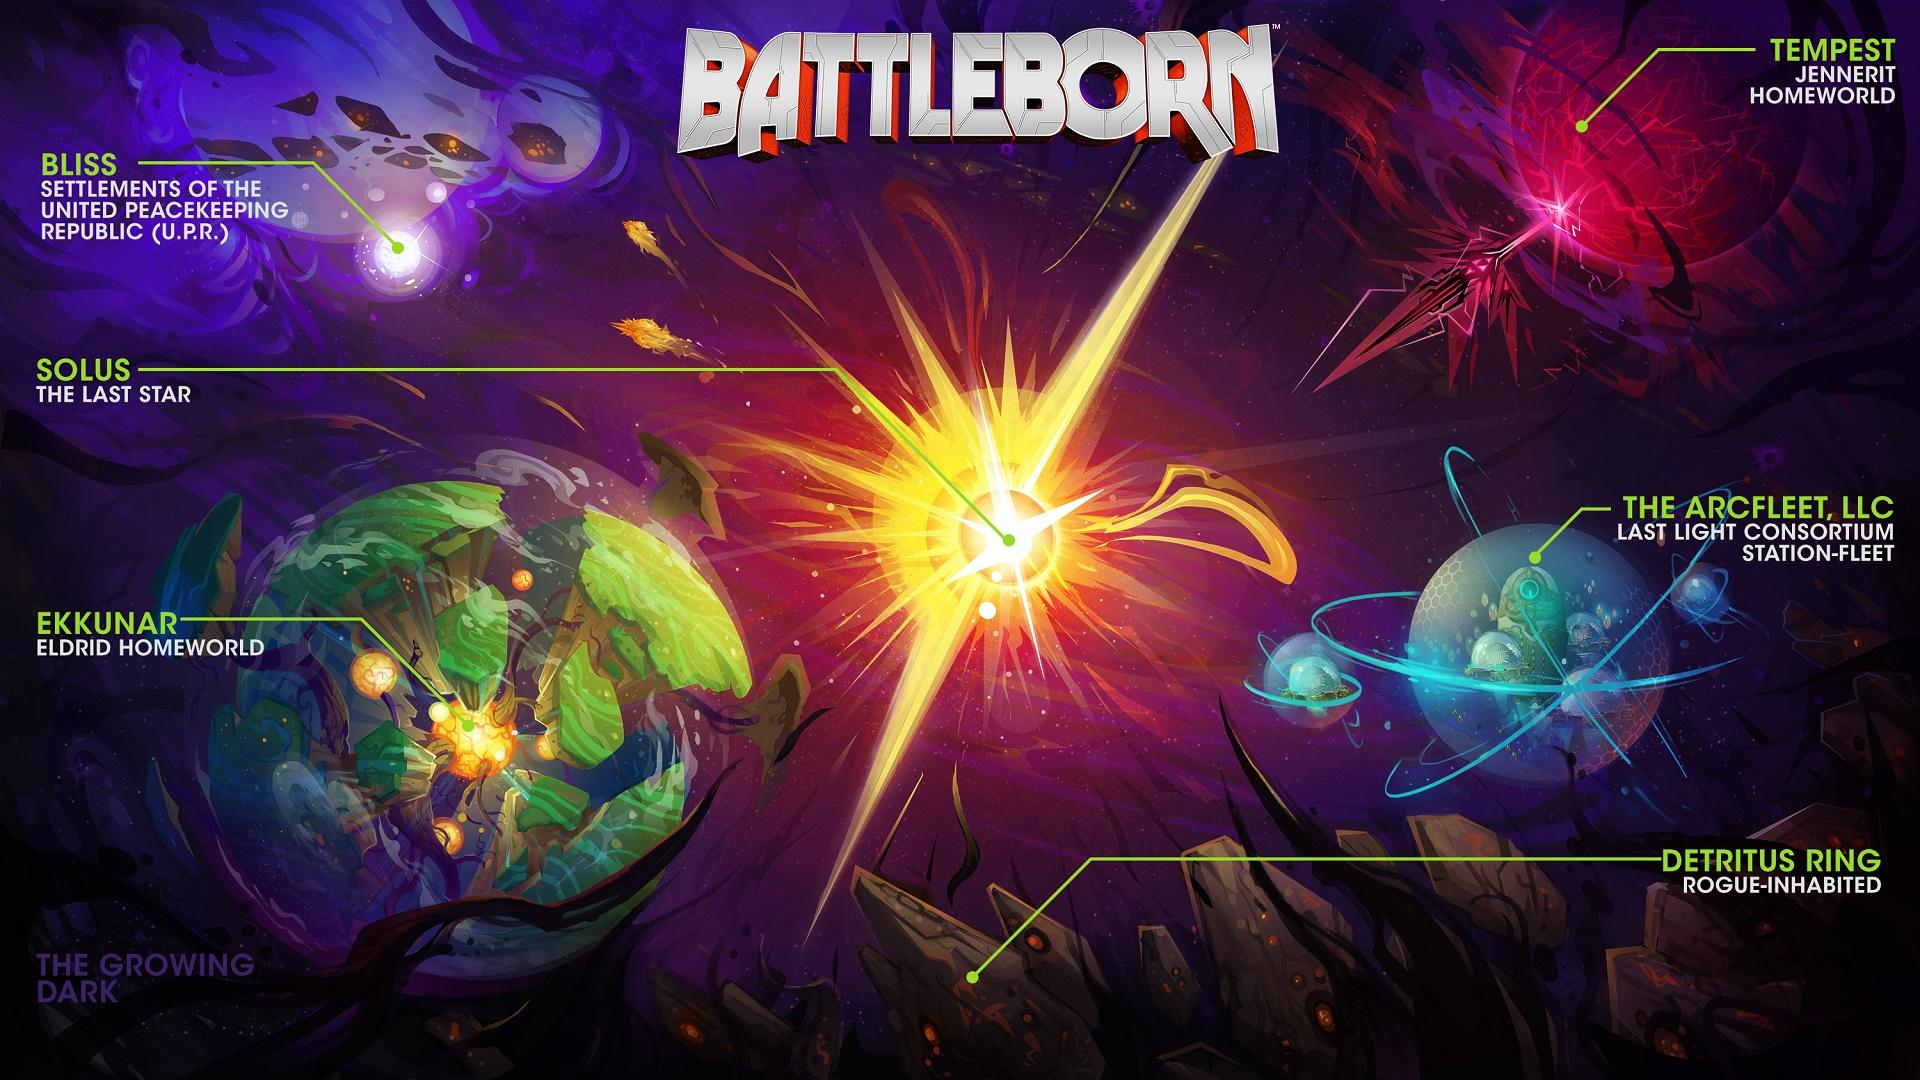 battleborn-9